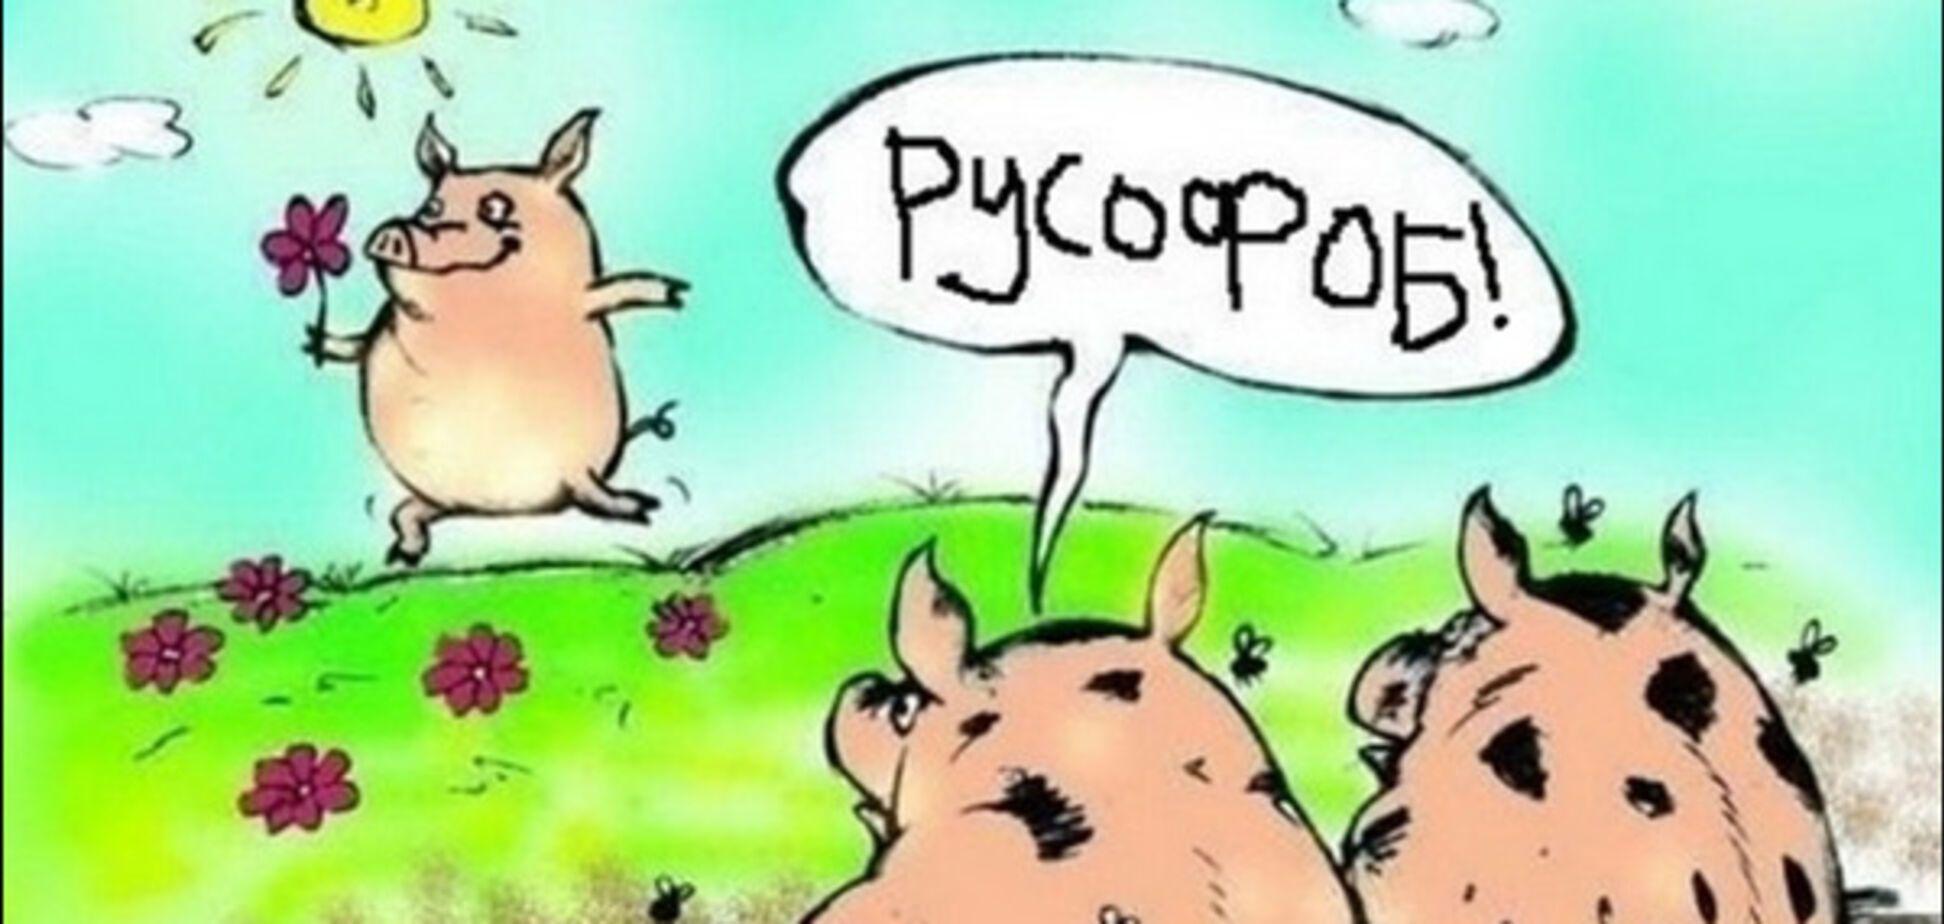 русофоб